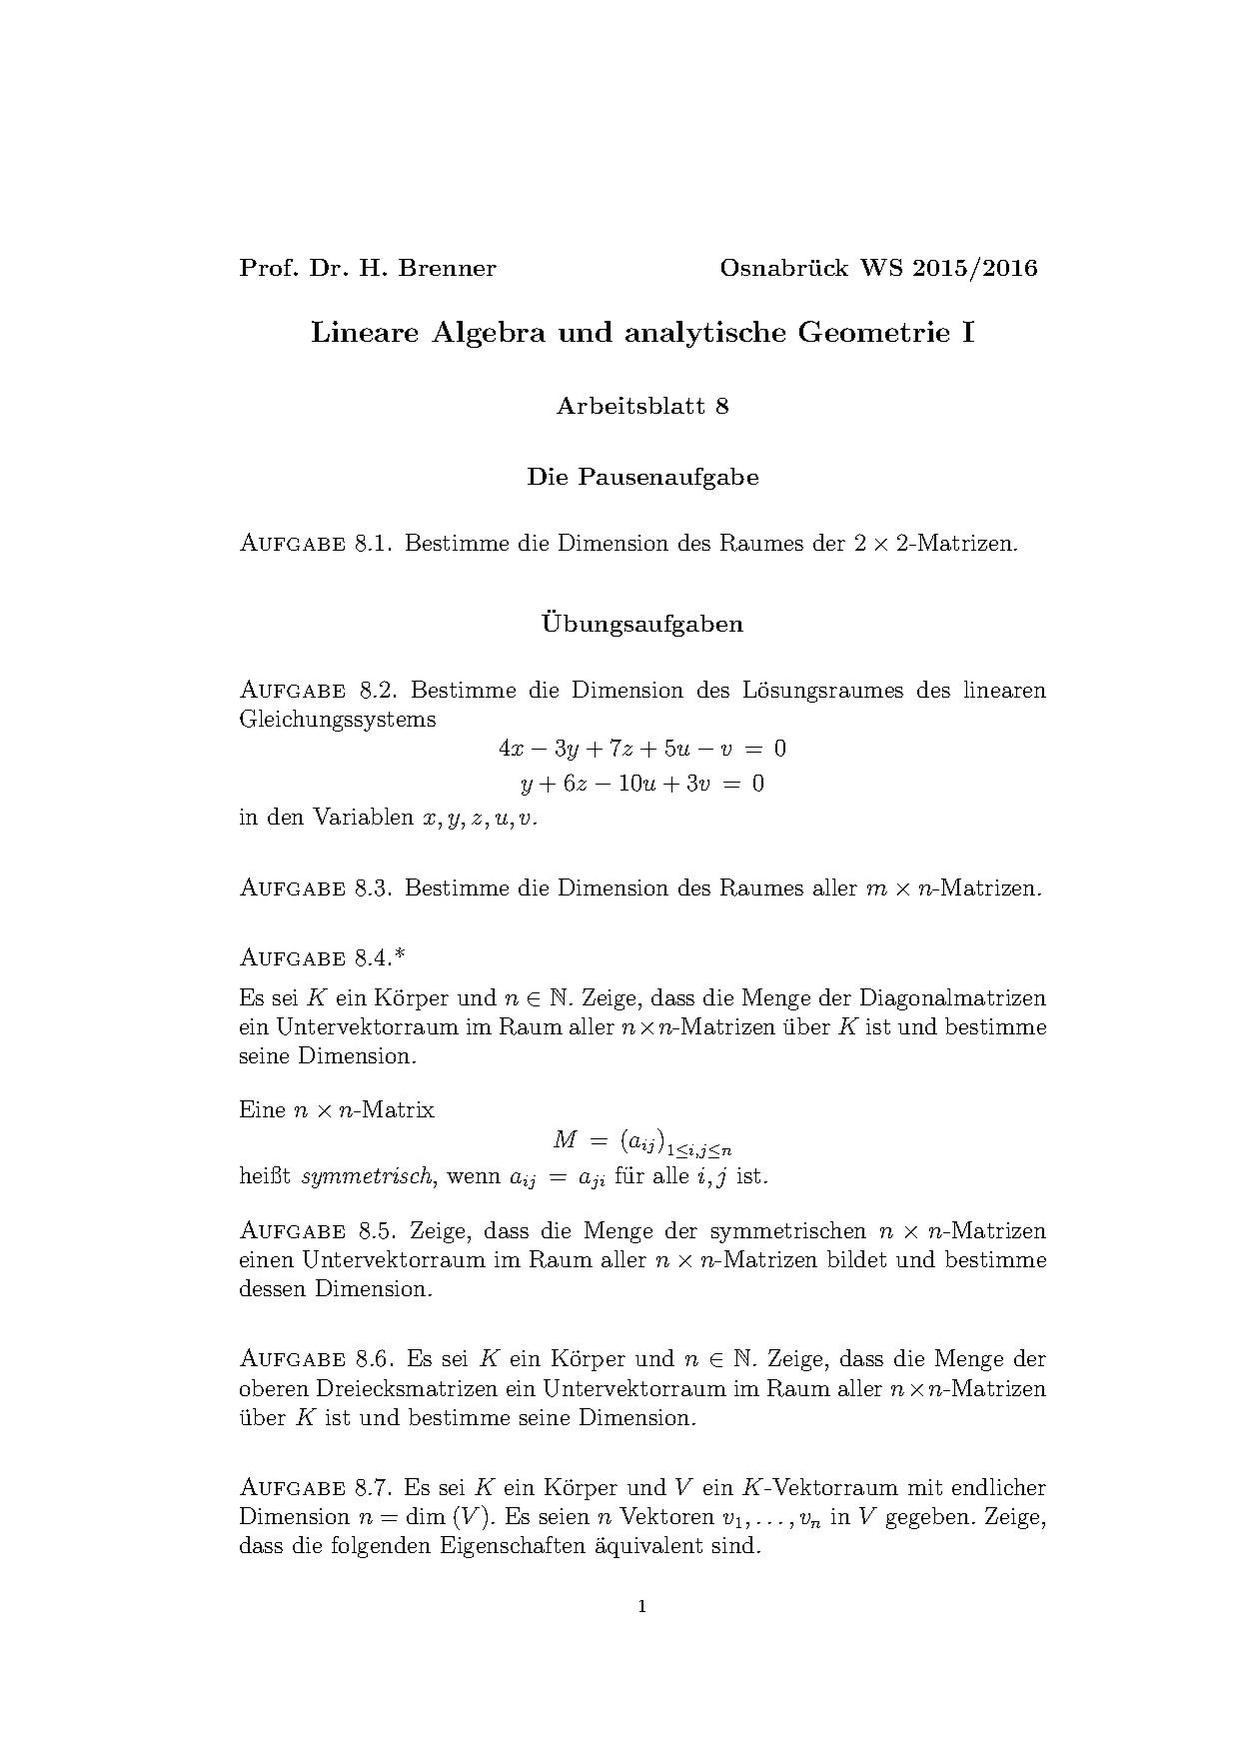 File:Lineare Algebra (Osnabrück 2015-2016)Teil IArbeitsblatt8.pdf ...